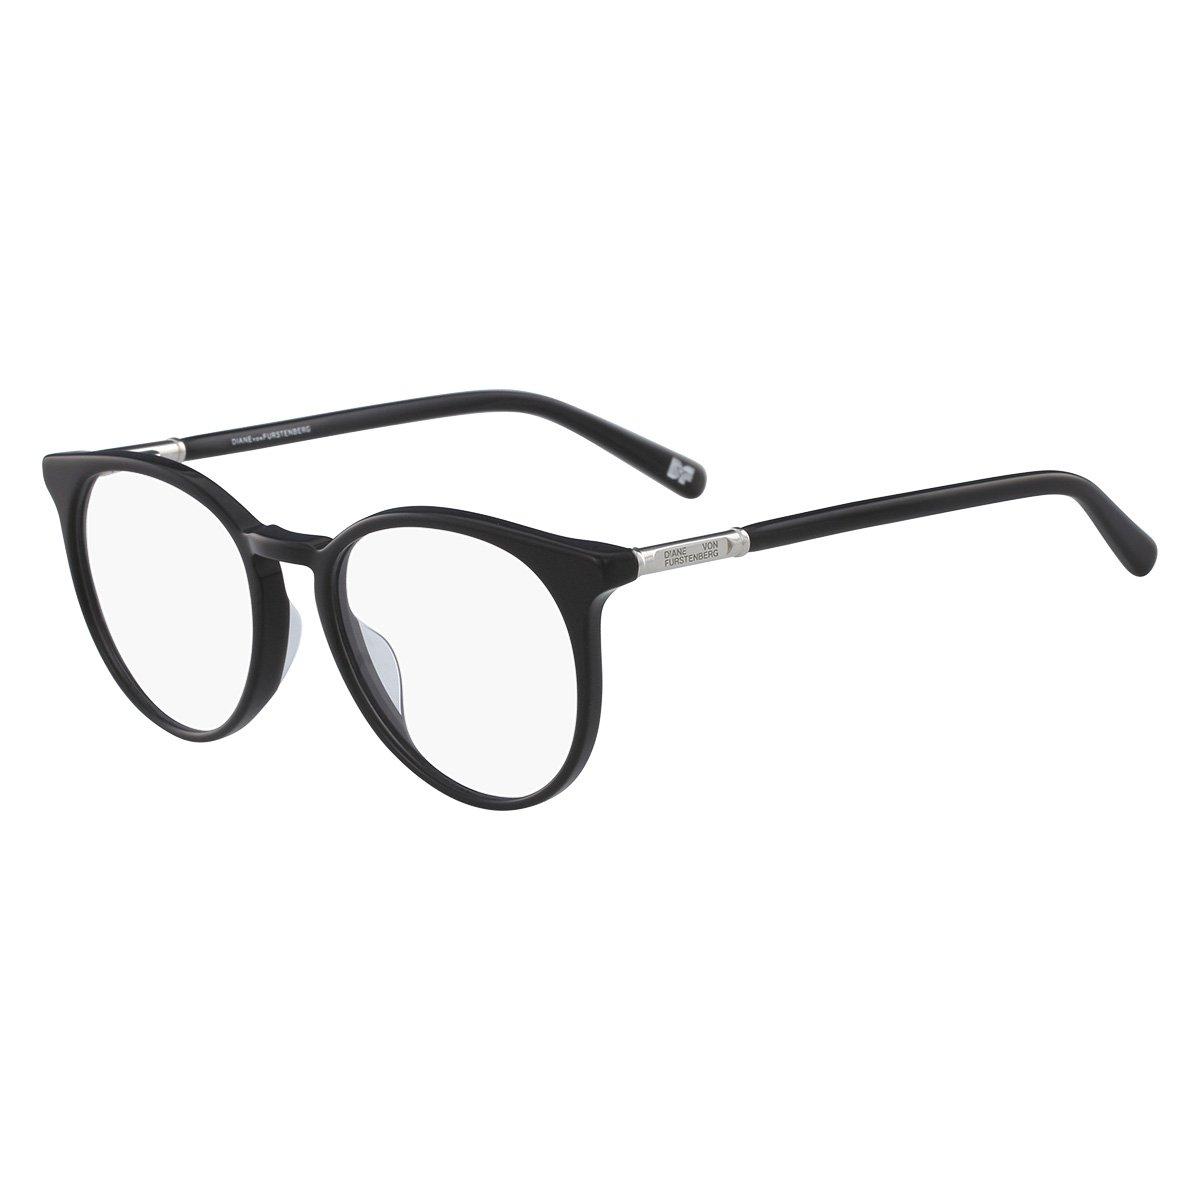 Óculos Diane Von Furstenberg DVF5107 001 Feminino